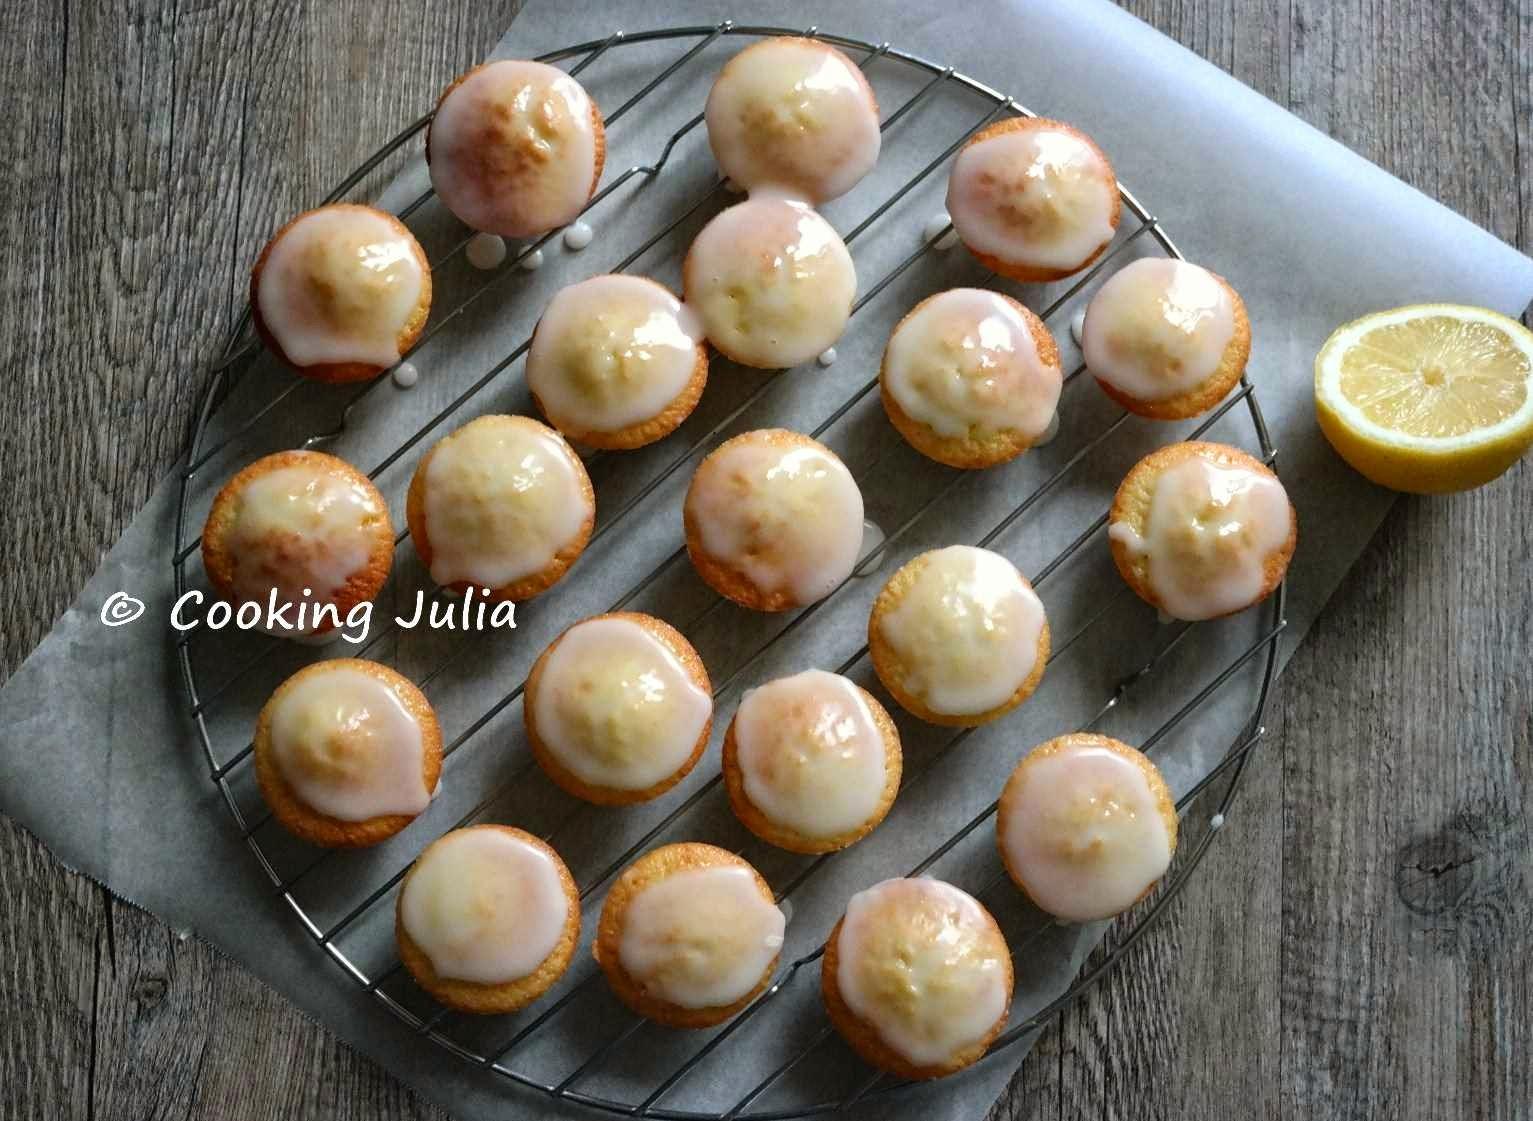 Cooking Julia Petits Moelleux Citron Courgette